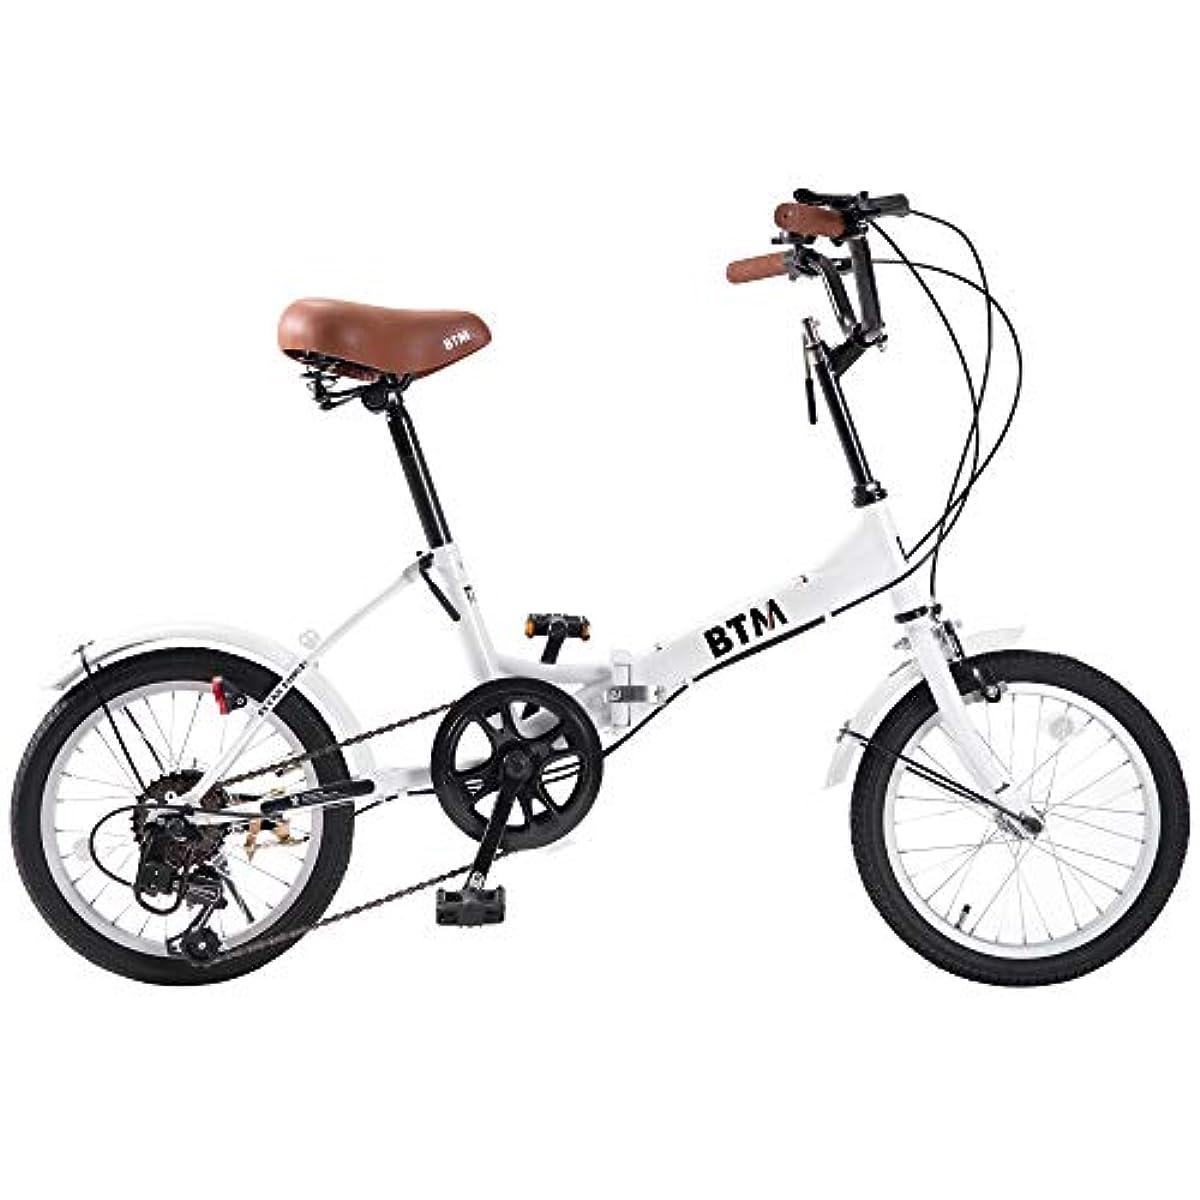 [해외] BTM 접이식 자전거 통근 통학 자전거 16인치 시마노6 단변속 경량 라이트 부착 열쇠 부착